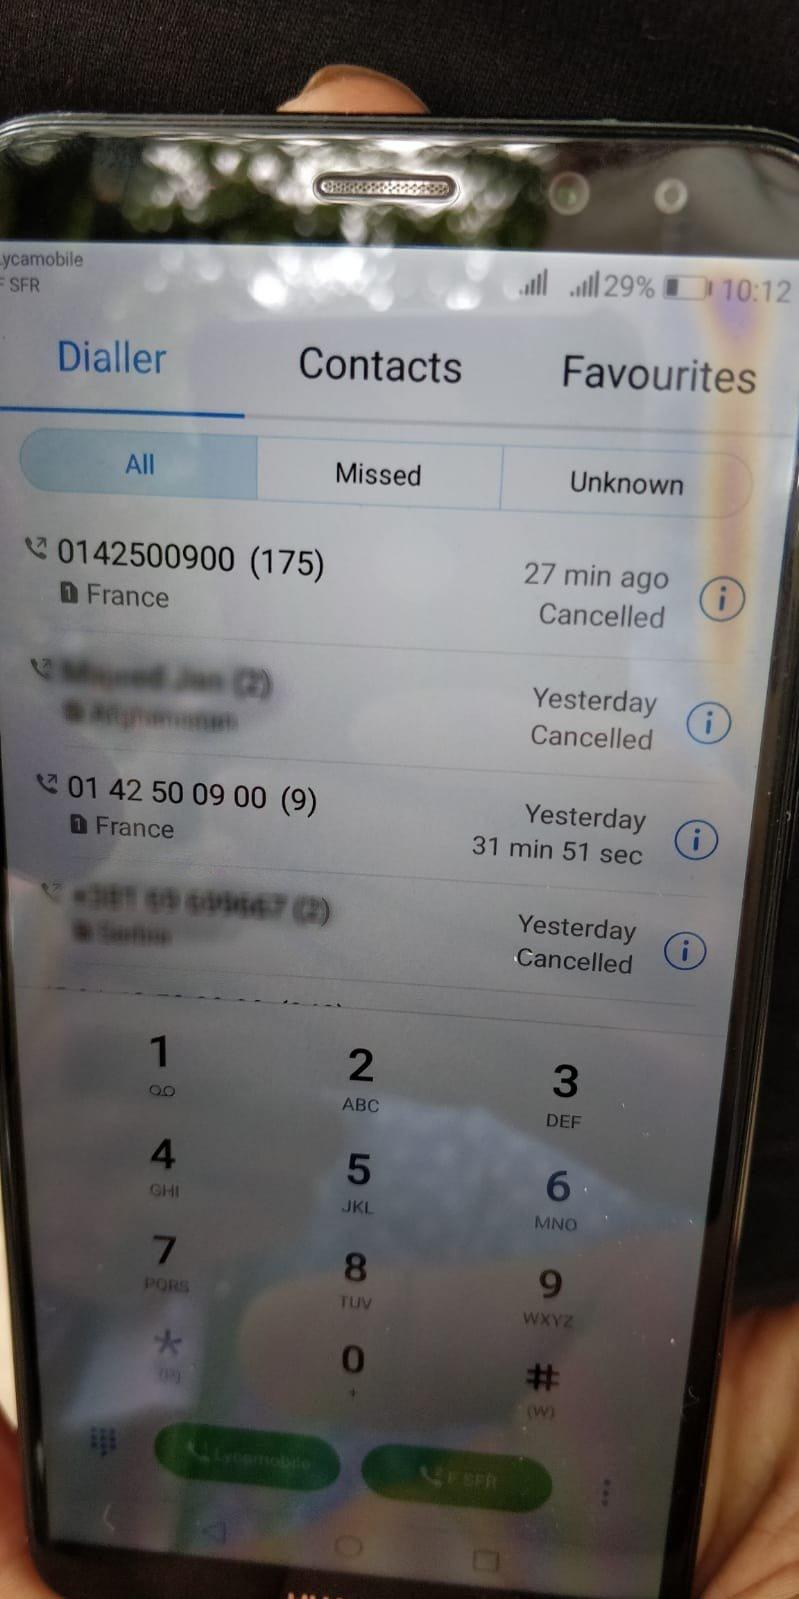 Un migrant afghan a essayé de joindre la plateforme téléphonique de l'Ofii 175 fois, sans succès. Crédit : InfoMigrants